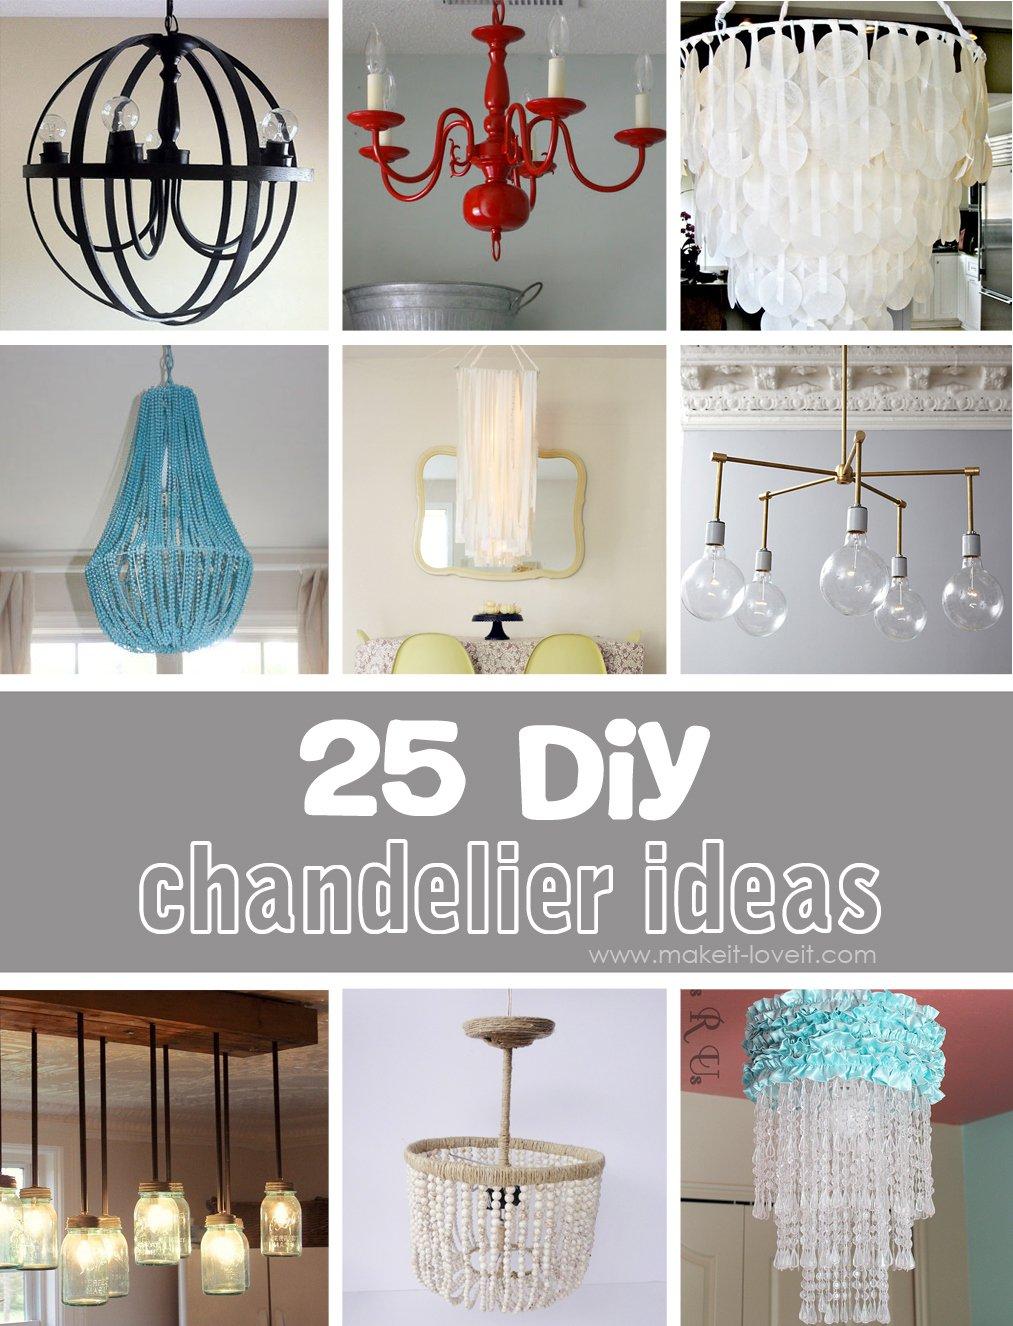 25 diy chandelier ideas RWXTOHZ